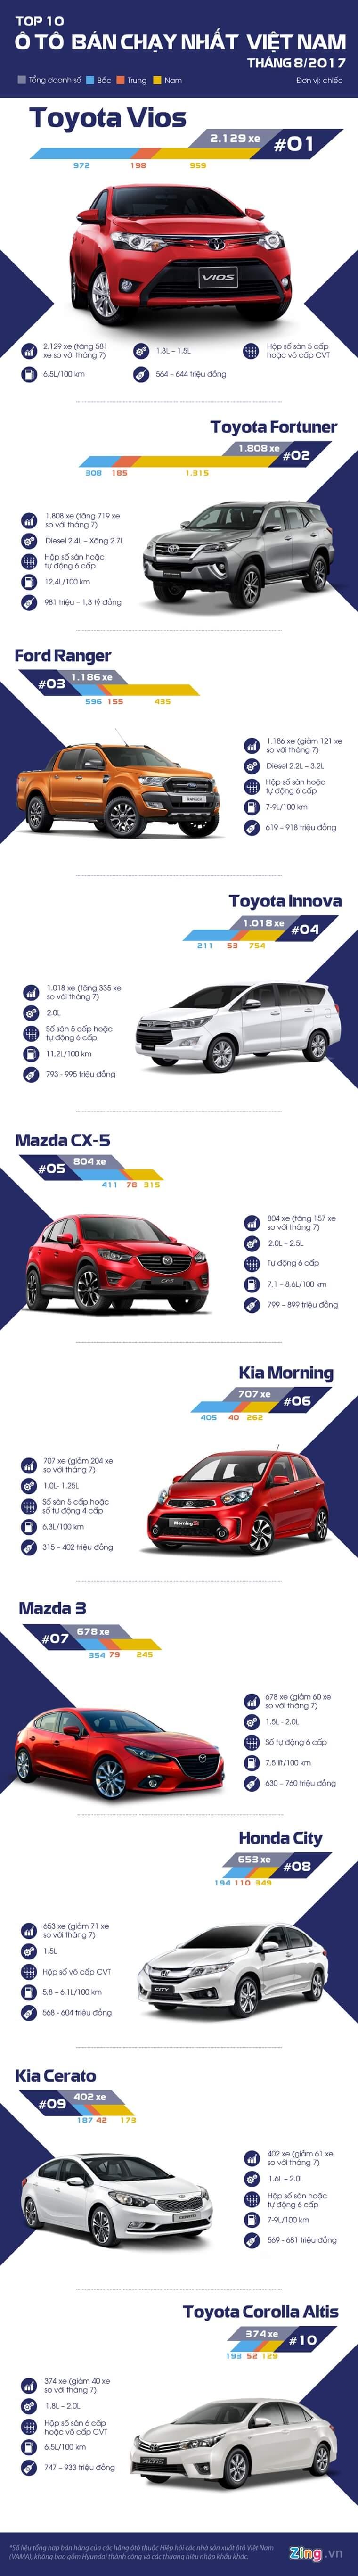 Top 10 xe ô tô bán chạy nhất tháng 8/2017